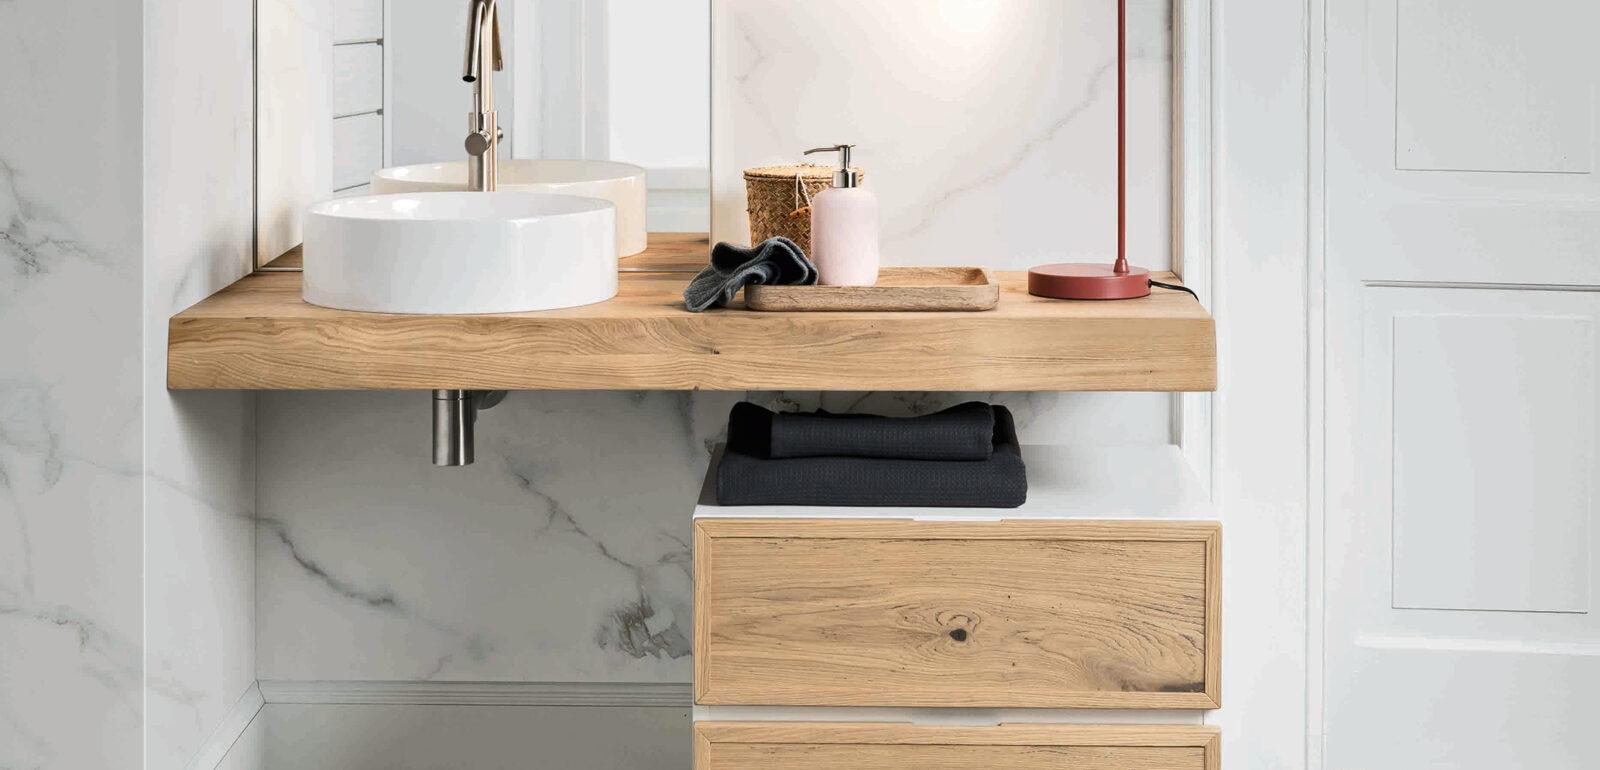 arredo bagno Alta Corte Ecobath Teddy5 cassettiera su ruote specchiera lavabo